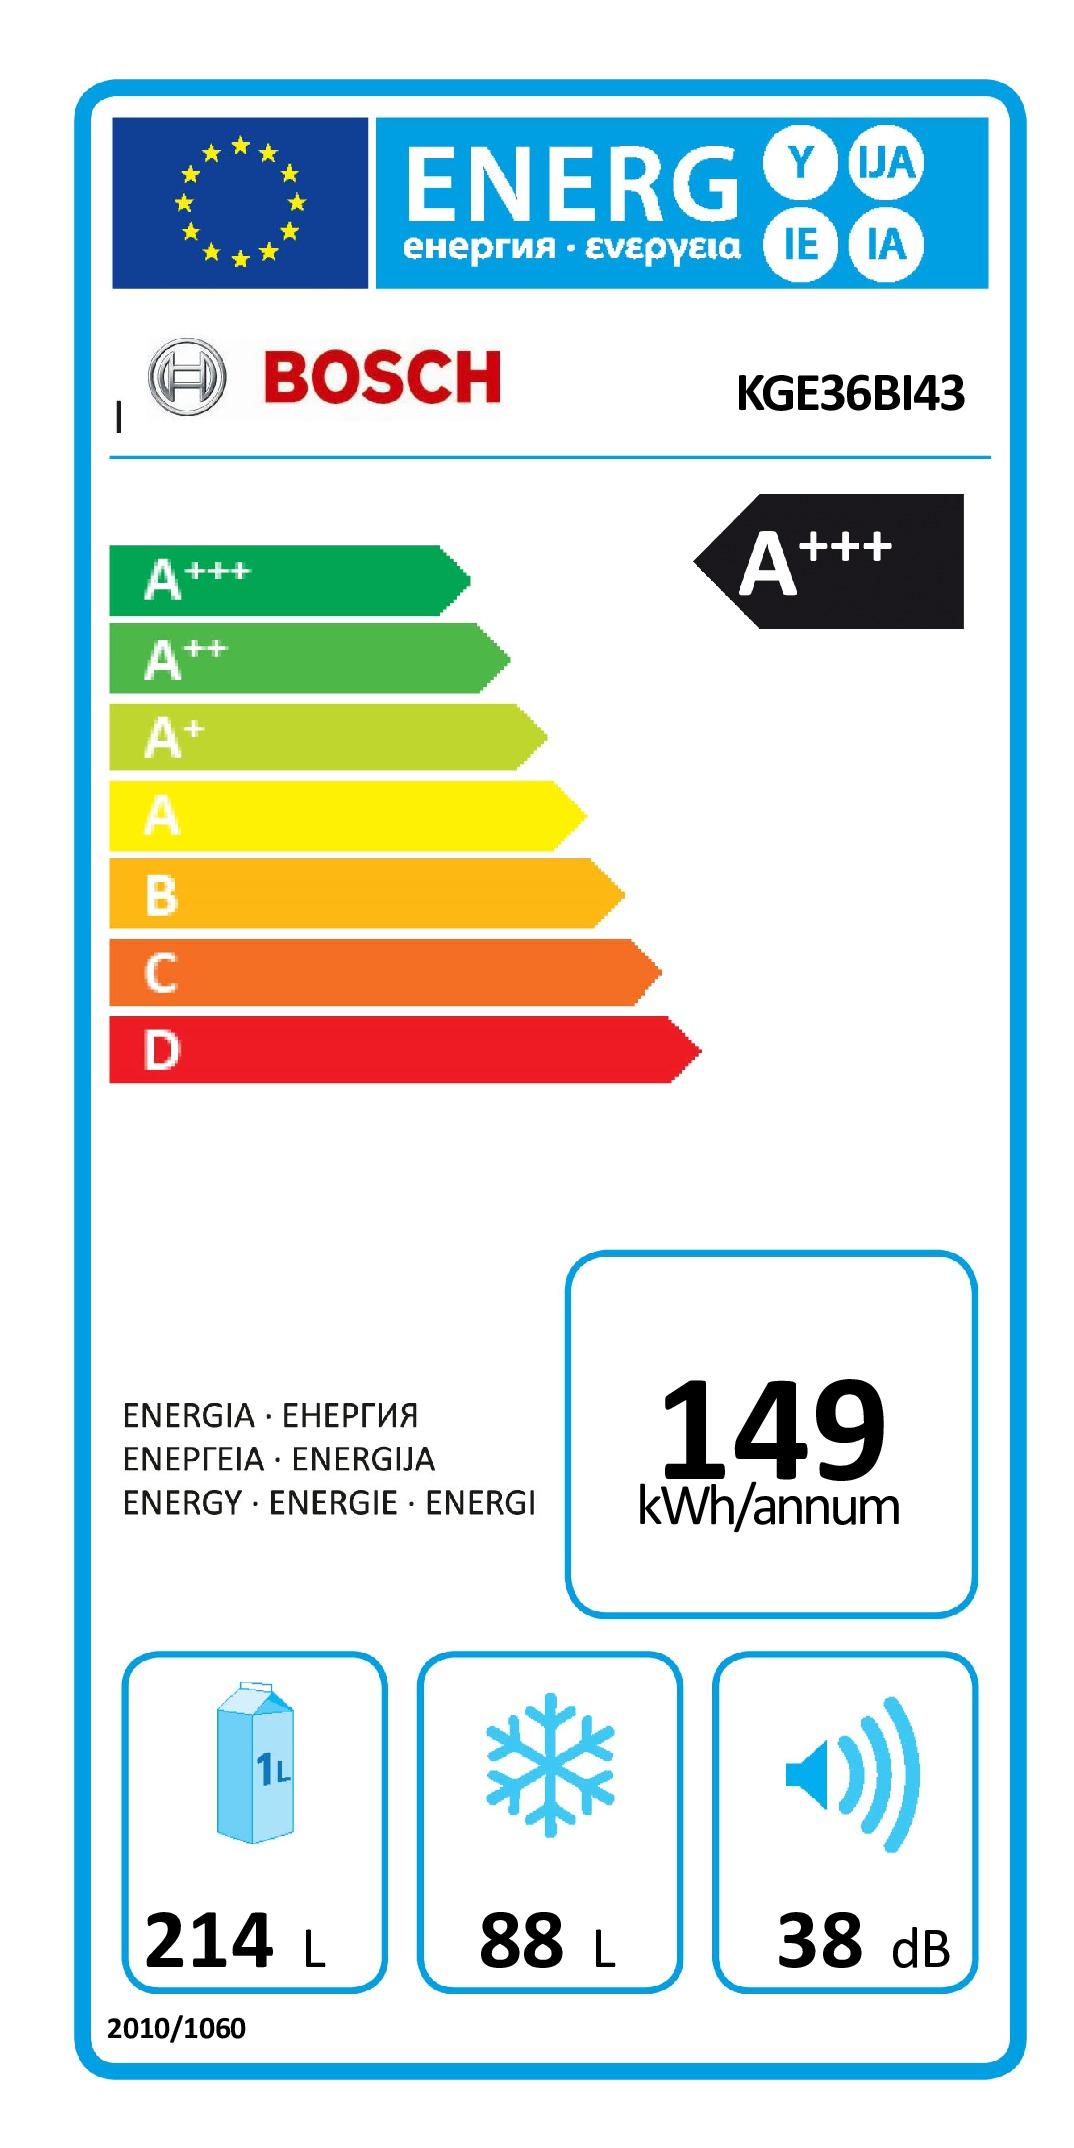 Energieeffiziente Bosch Haushaltsgeräte